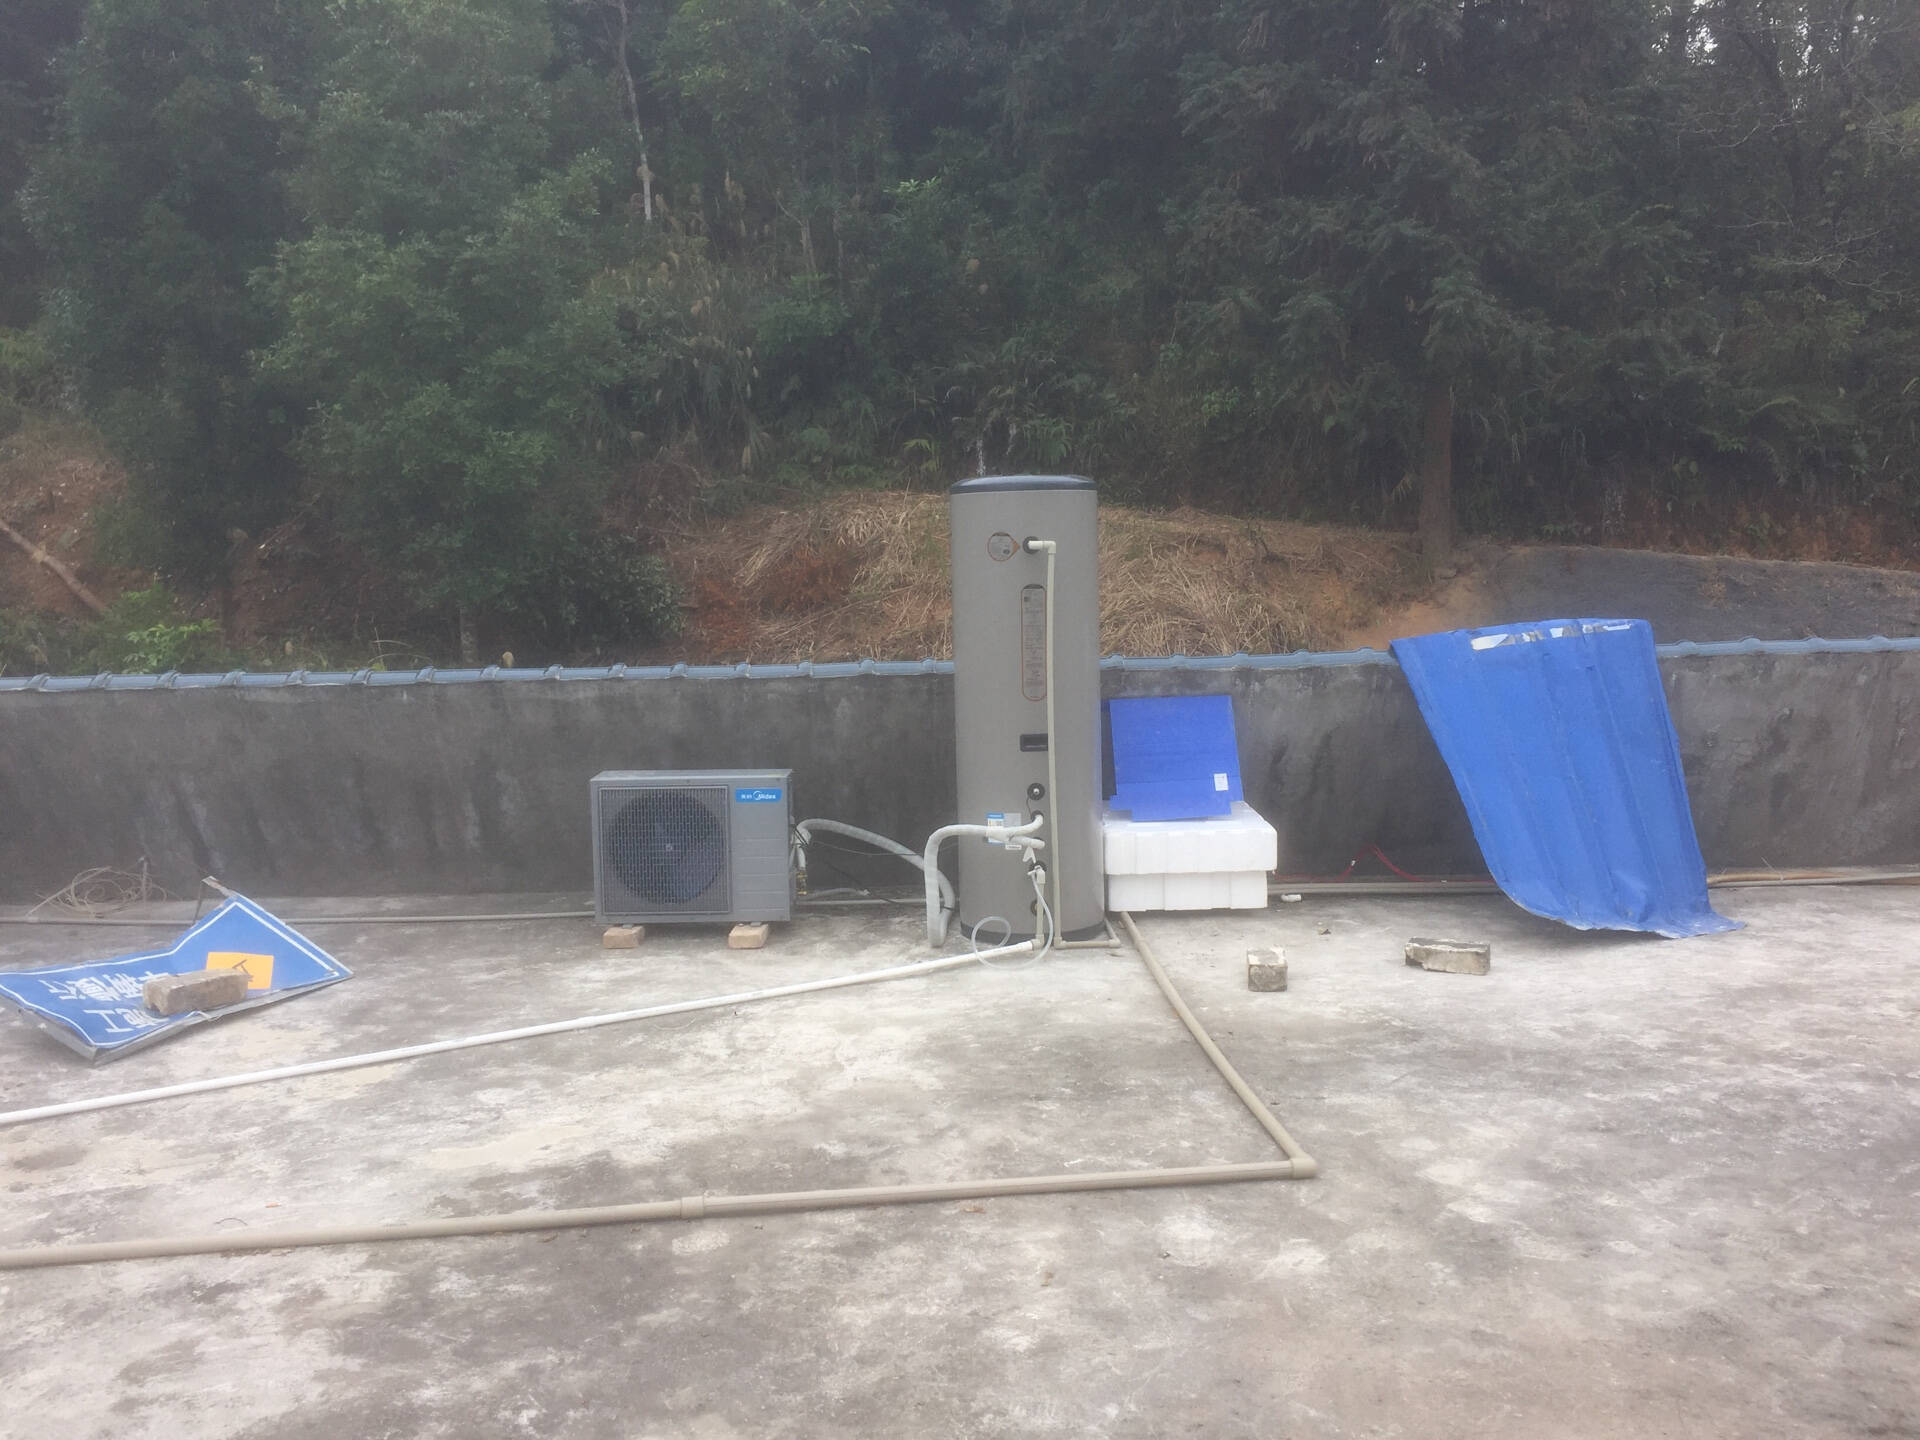 美的(Midea)空气能热水器家用分体式空气源热泵省电恒温蓝钻内胆10年包修【免安装费】200升二级能效分体机适合4-5人用